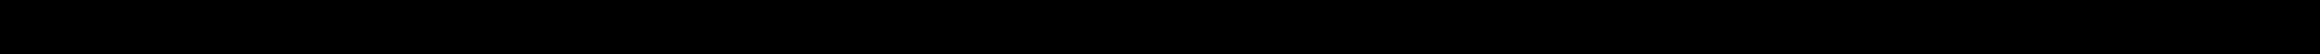 SKF 002 980 64 02, 002 980 65 02, 010 981 74 05, 140 981 03 05, 212 330 00 25 Hjullejesæt